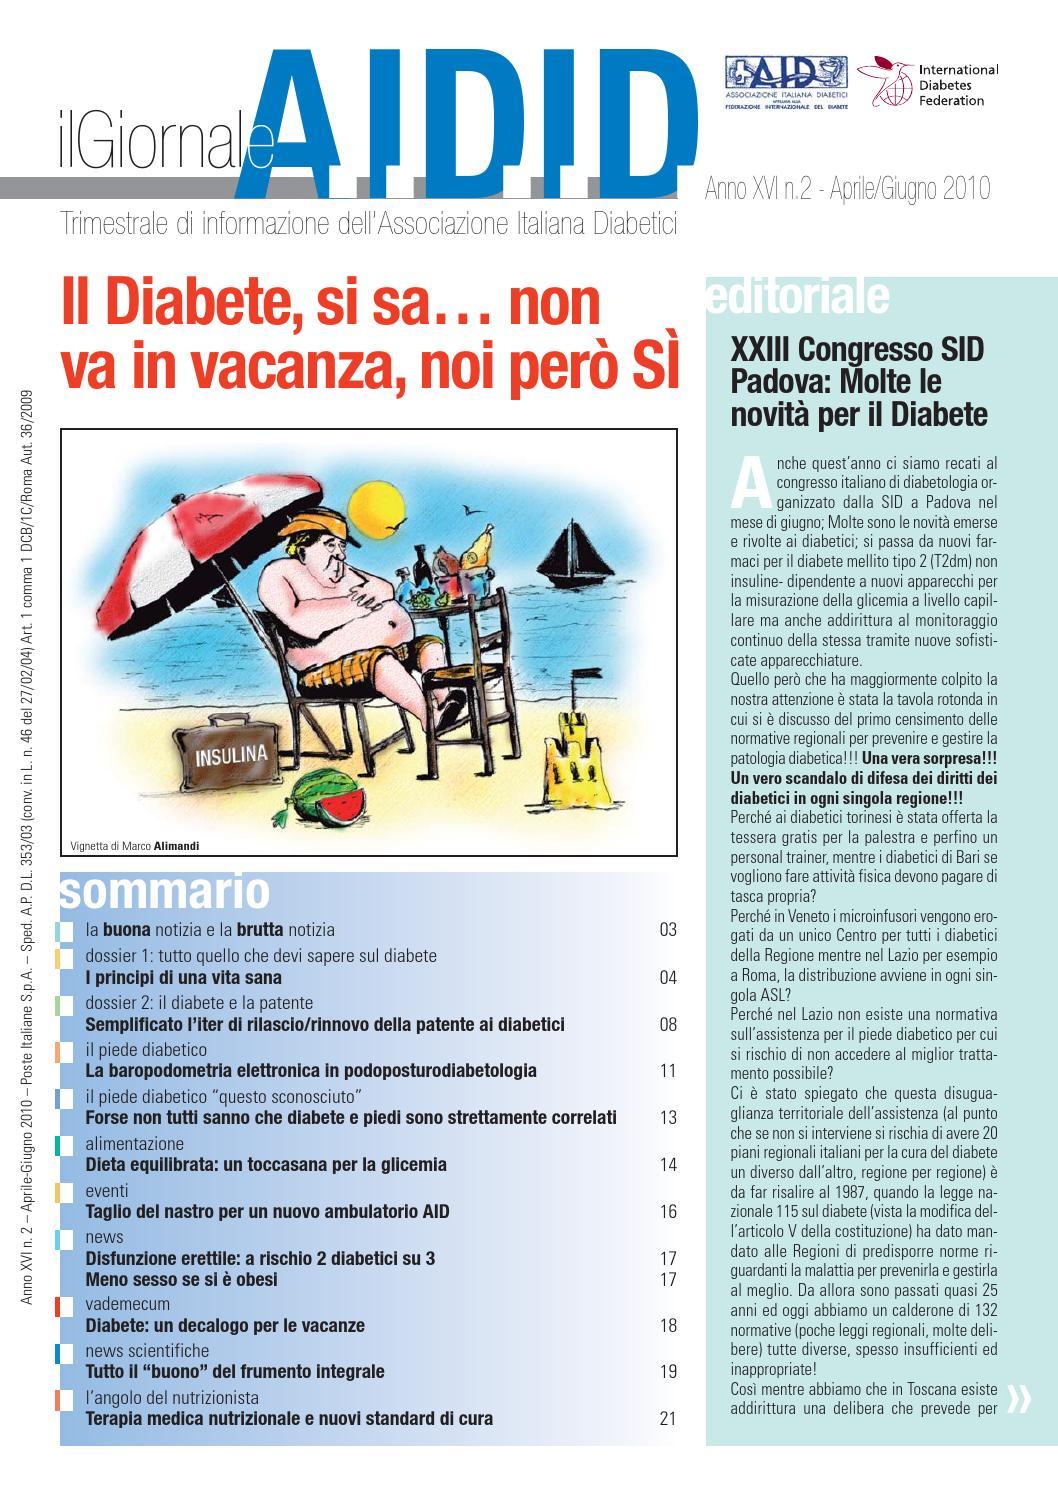 disfunzione erettile dovuta a diabete di tipo 2